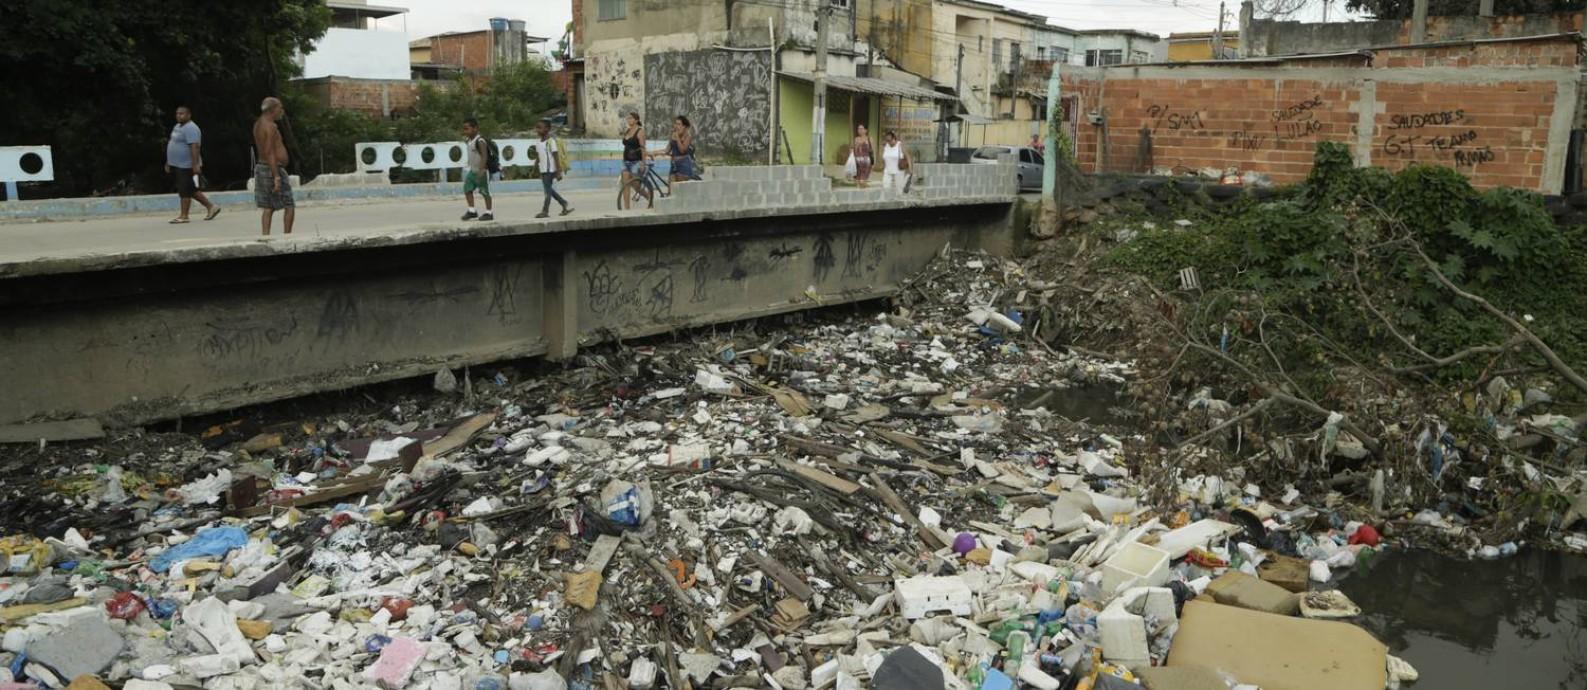 Lixo retido no Rio Sarapuí, em Mesquita, na Baixada Fluminense Foto: / Gabriel de Paiva